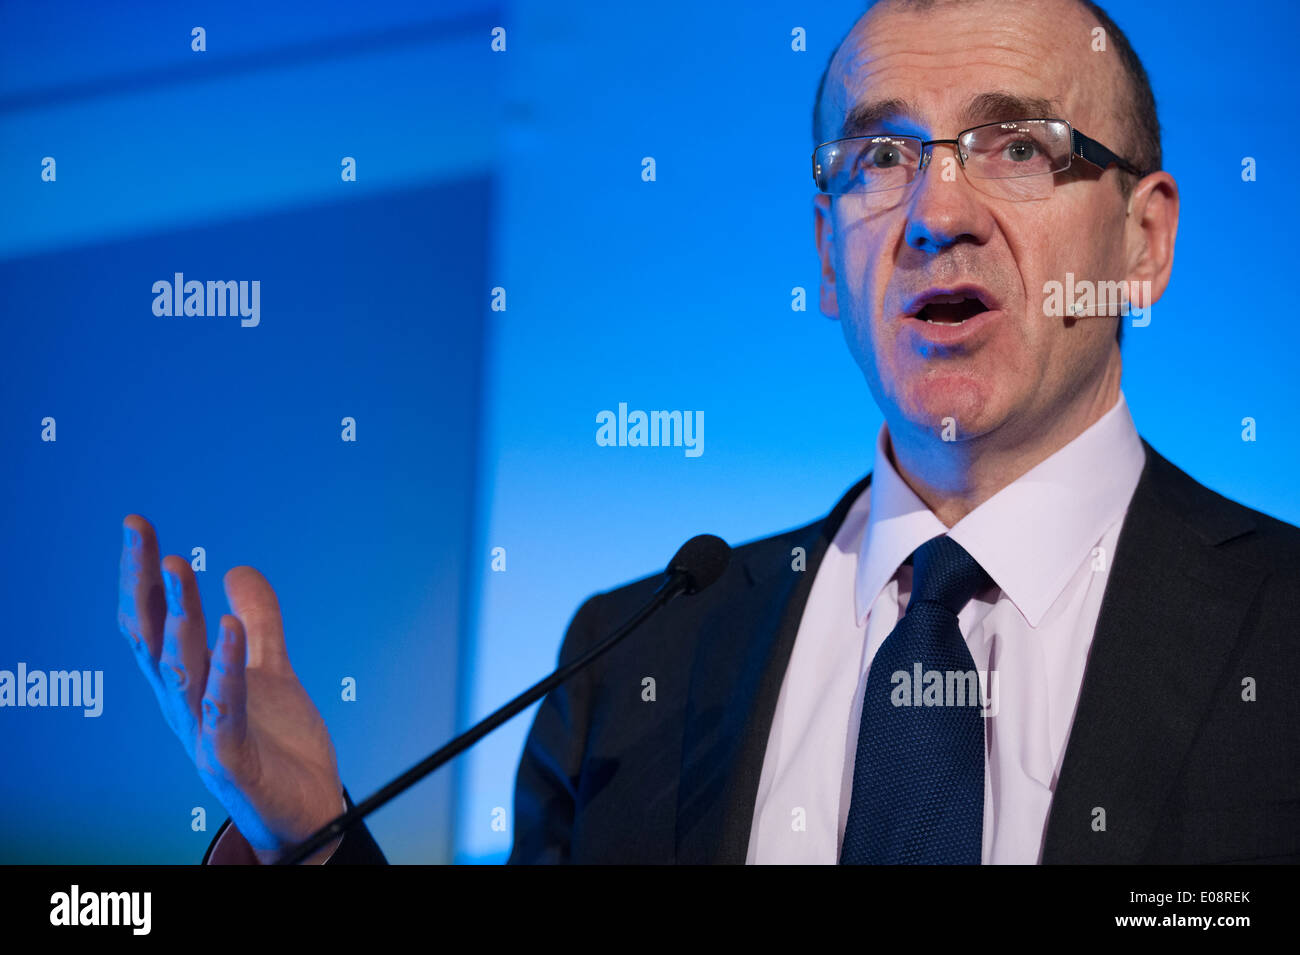 Sir Terry Leahy, ex-directeur général de Tesco s'exprime à l'occasion d'un congrès à Manchester, 2014 Photo Stock